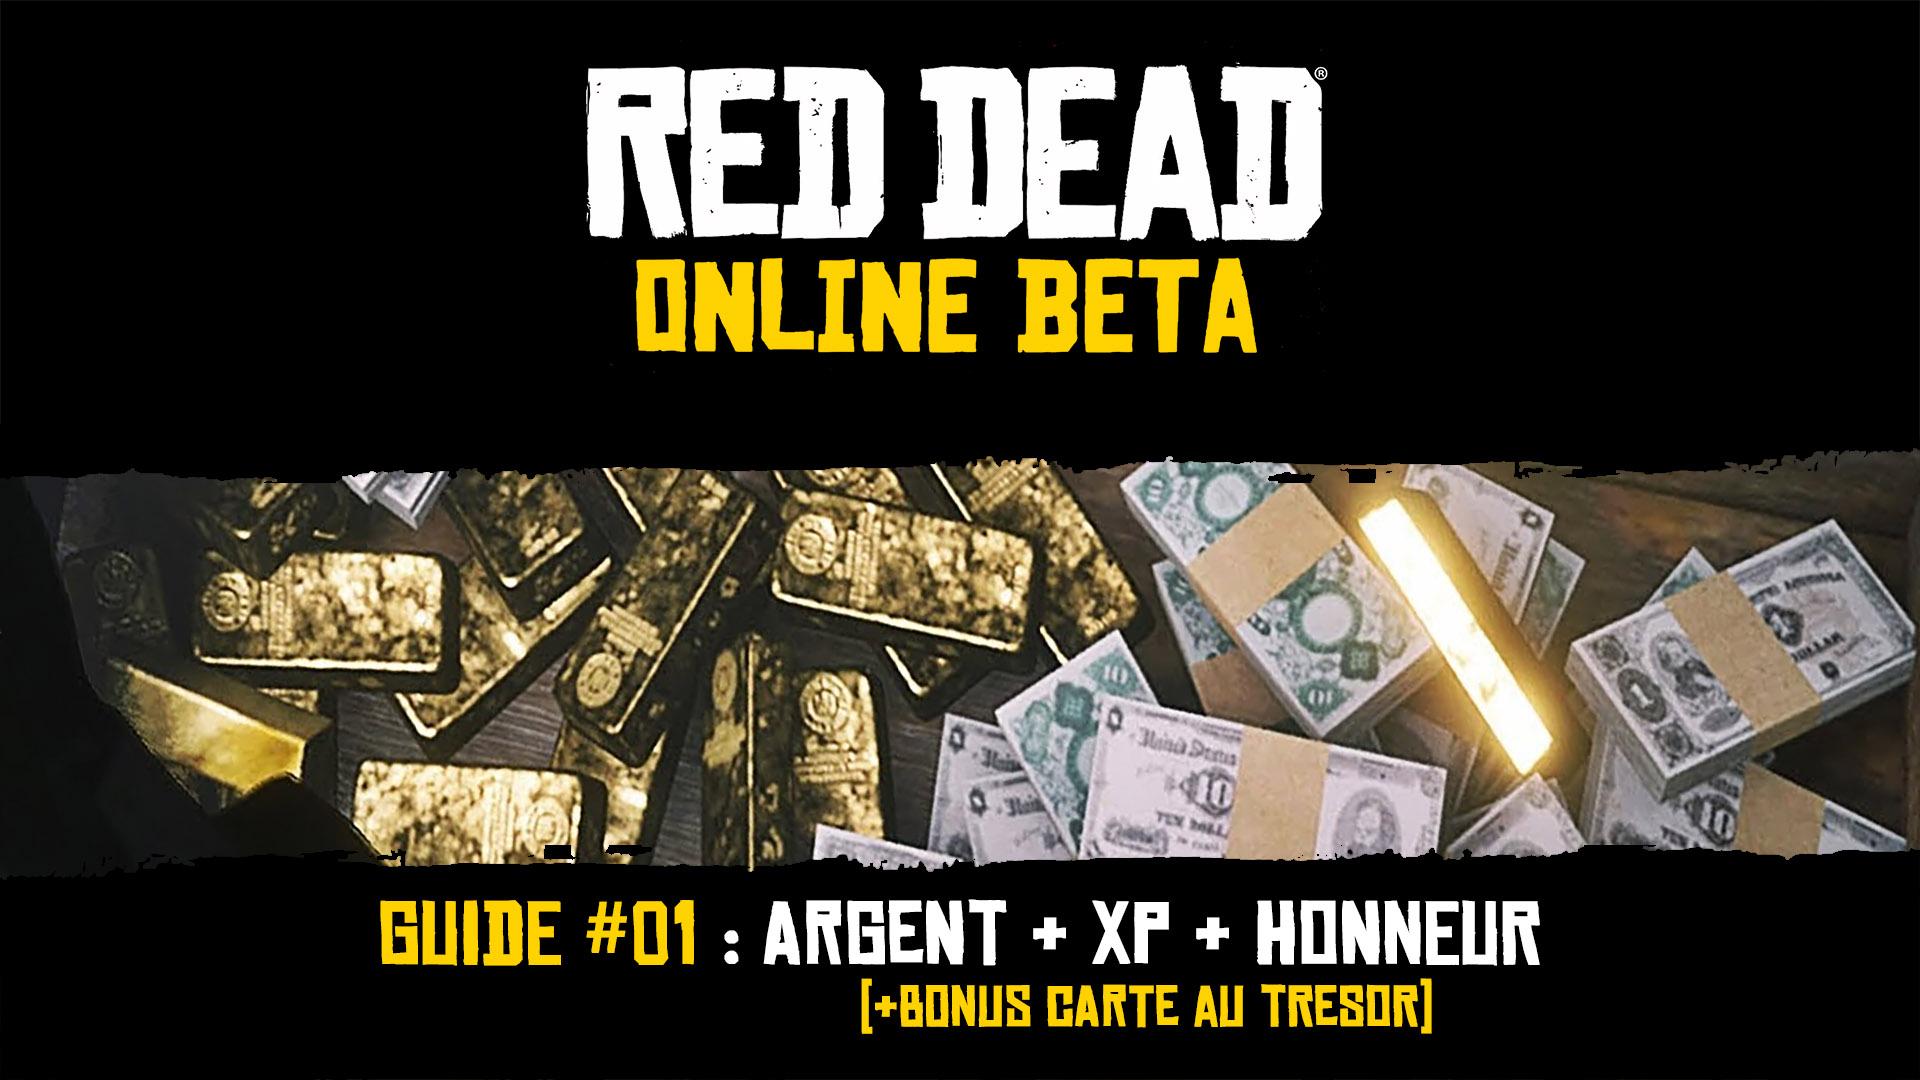 astuce pour gagner de largent red dead redemption 2